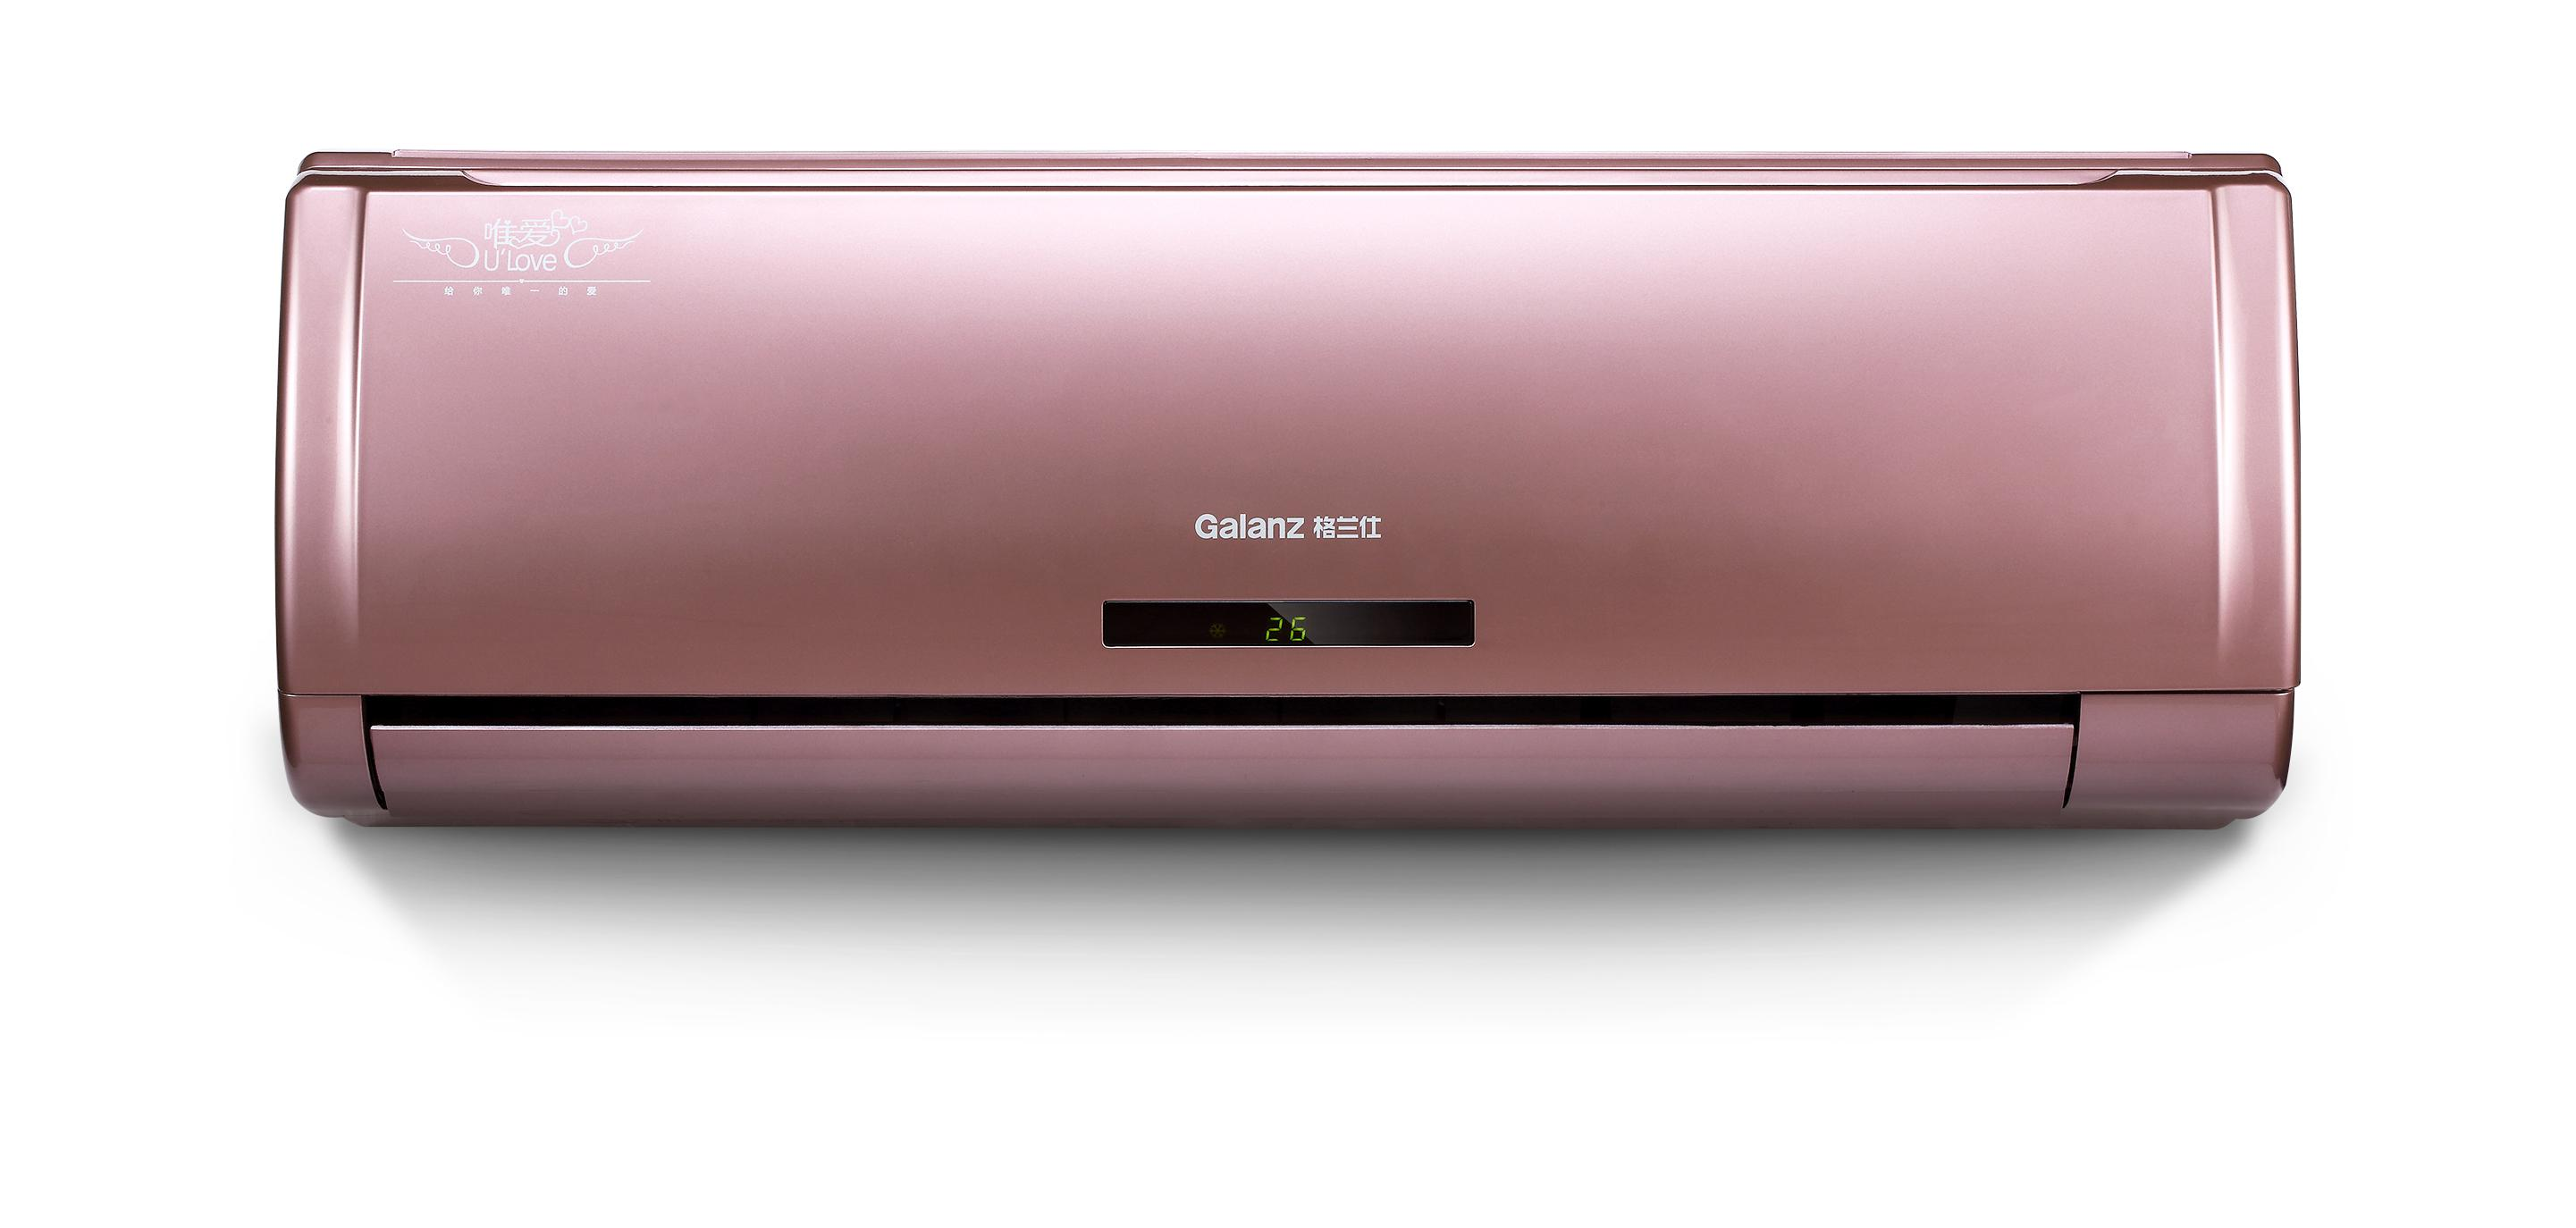 格兰仕变频空调价格—格兰仕变频空调价格行情